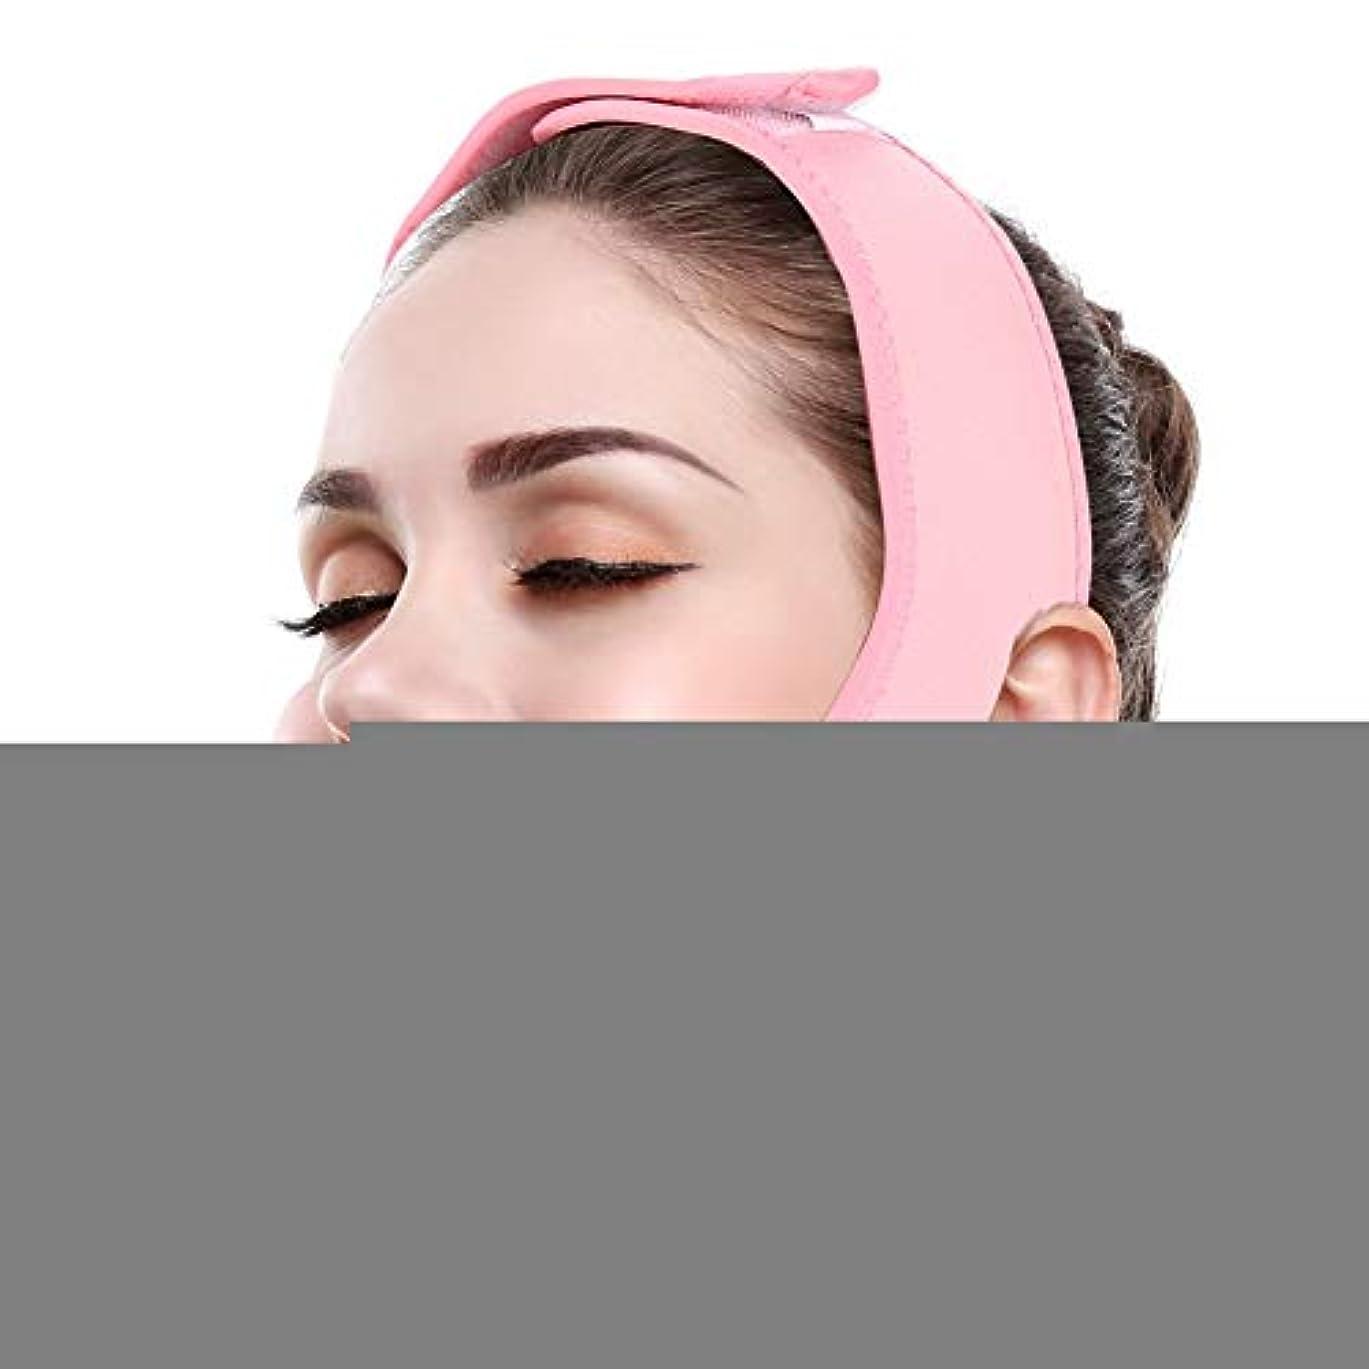 モーションシャイニング有利顔痩身マッサージベルト、vラインマスクネック圧縮二重あごストラップ減量ベルトスキンケアあごリフティング引き締めラップ